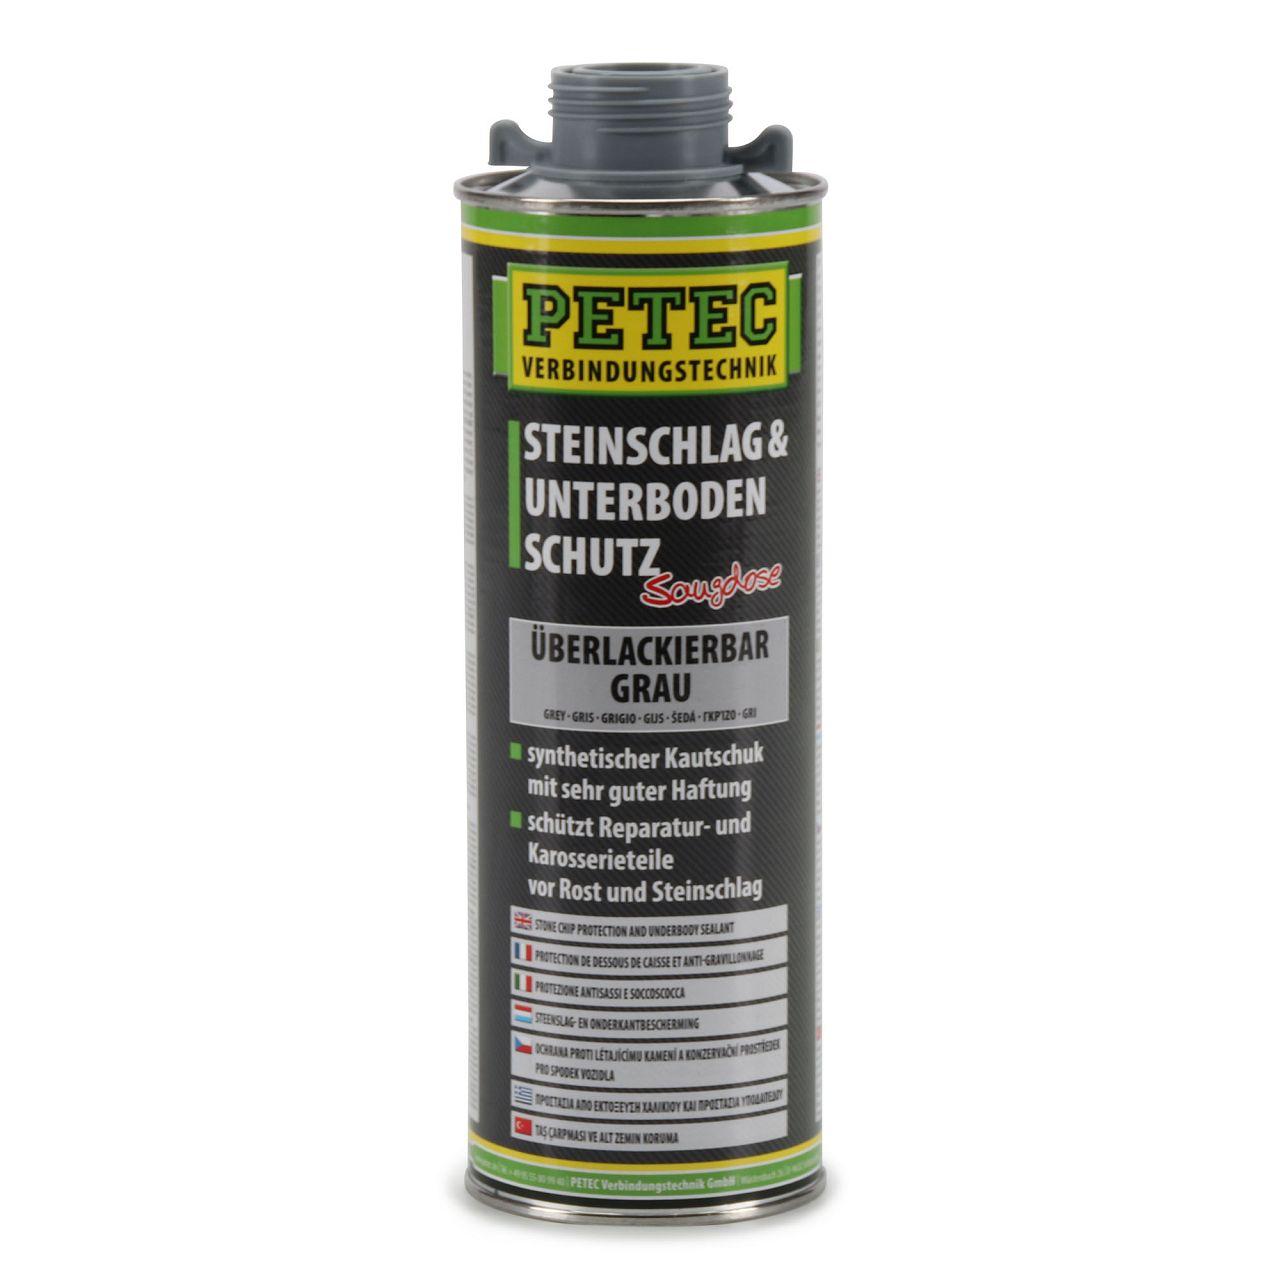 PETEC 73310 Steinschlagschutz Unterbodenschutz Saugdose GRAU 1000ml 1 Liter